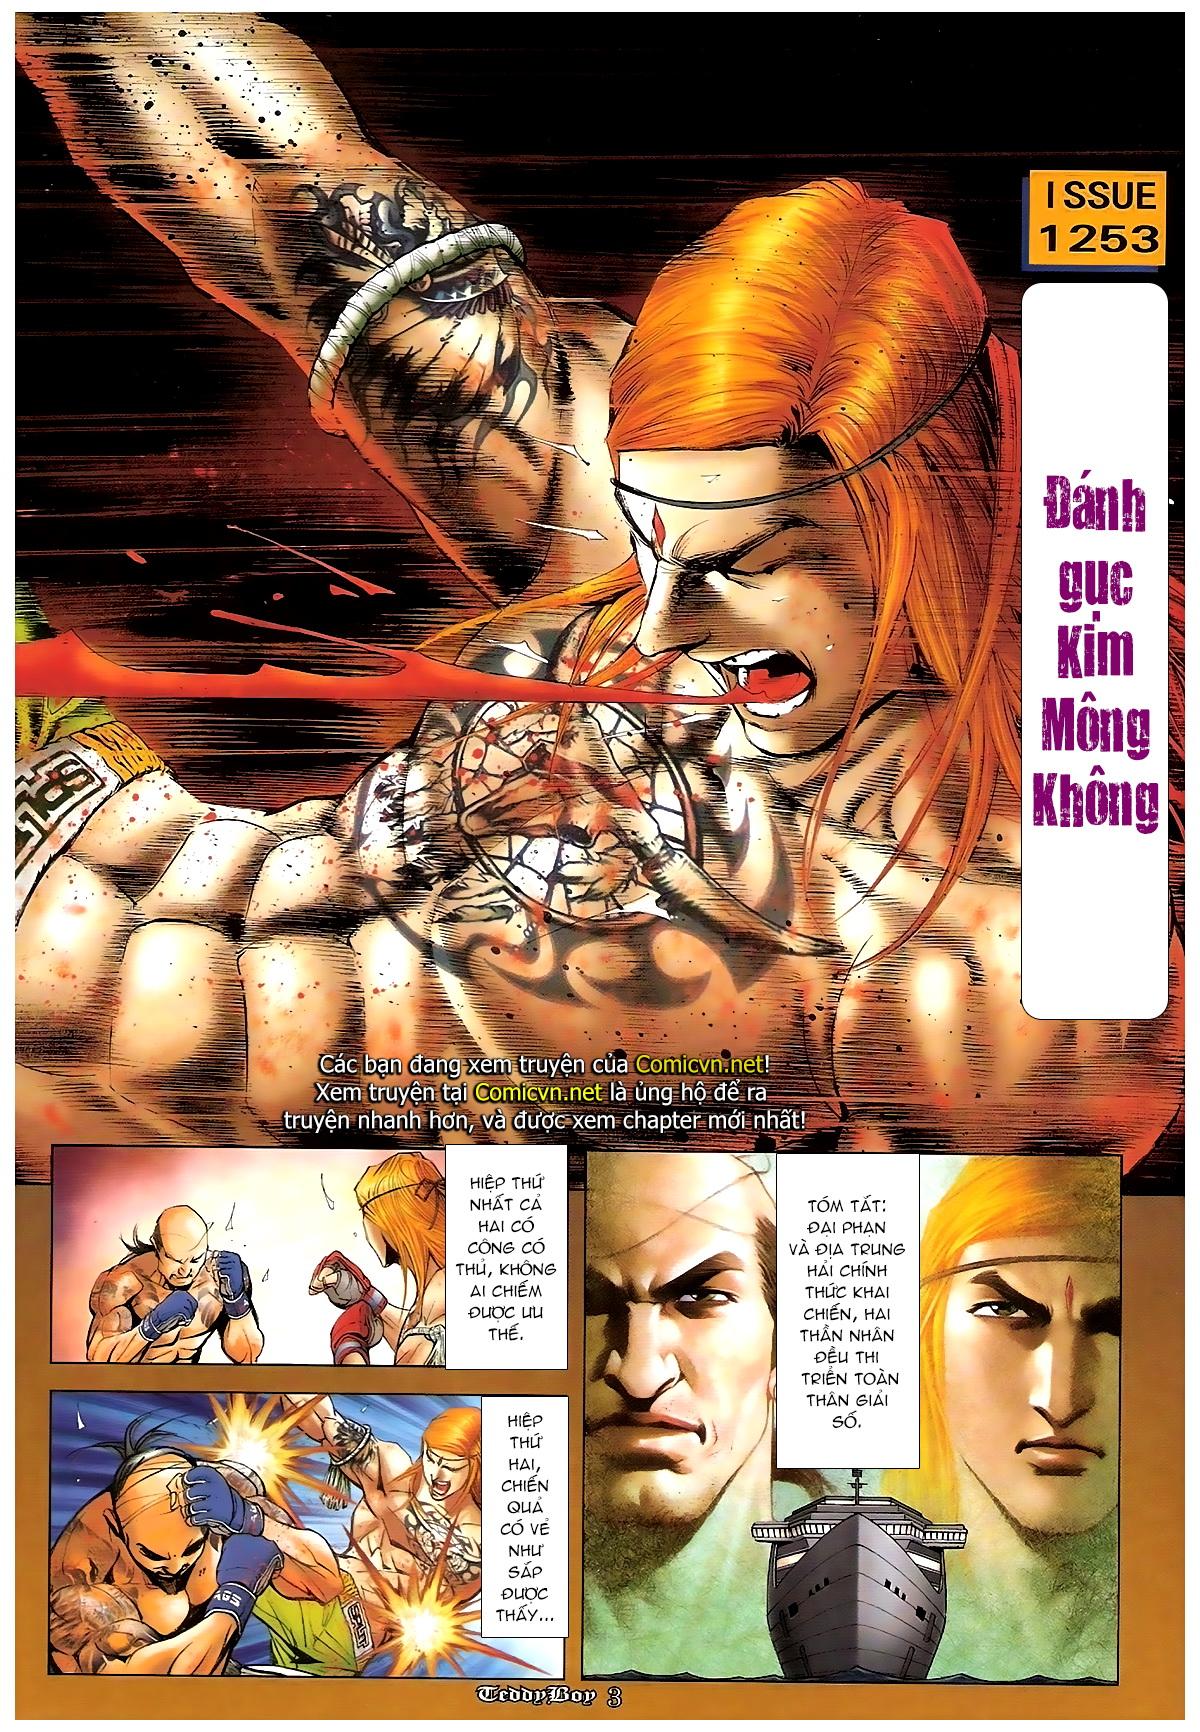 Người Trong Giang Hồ - Chapter 1253: Đánh gục Kim Mông Không - Pic 2